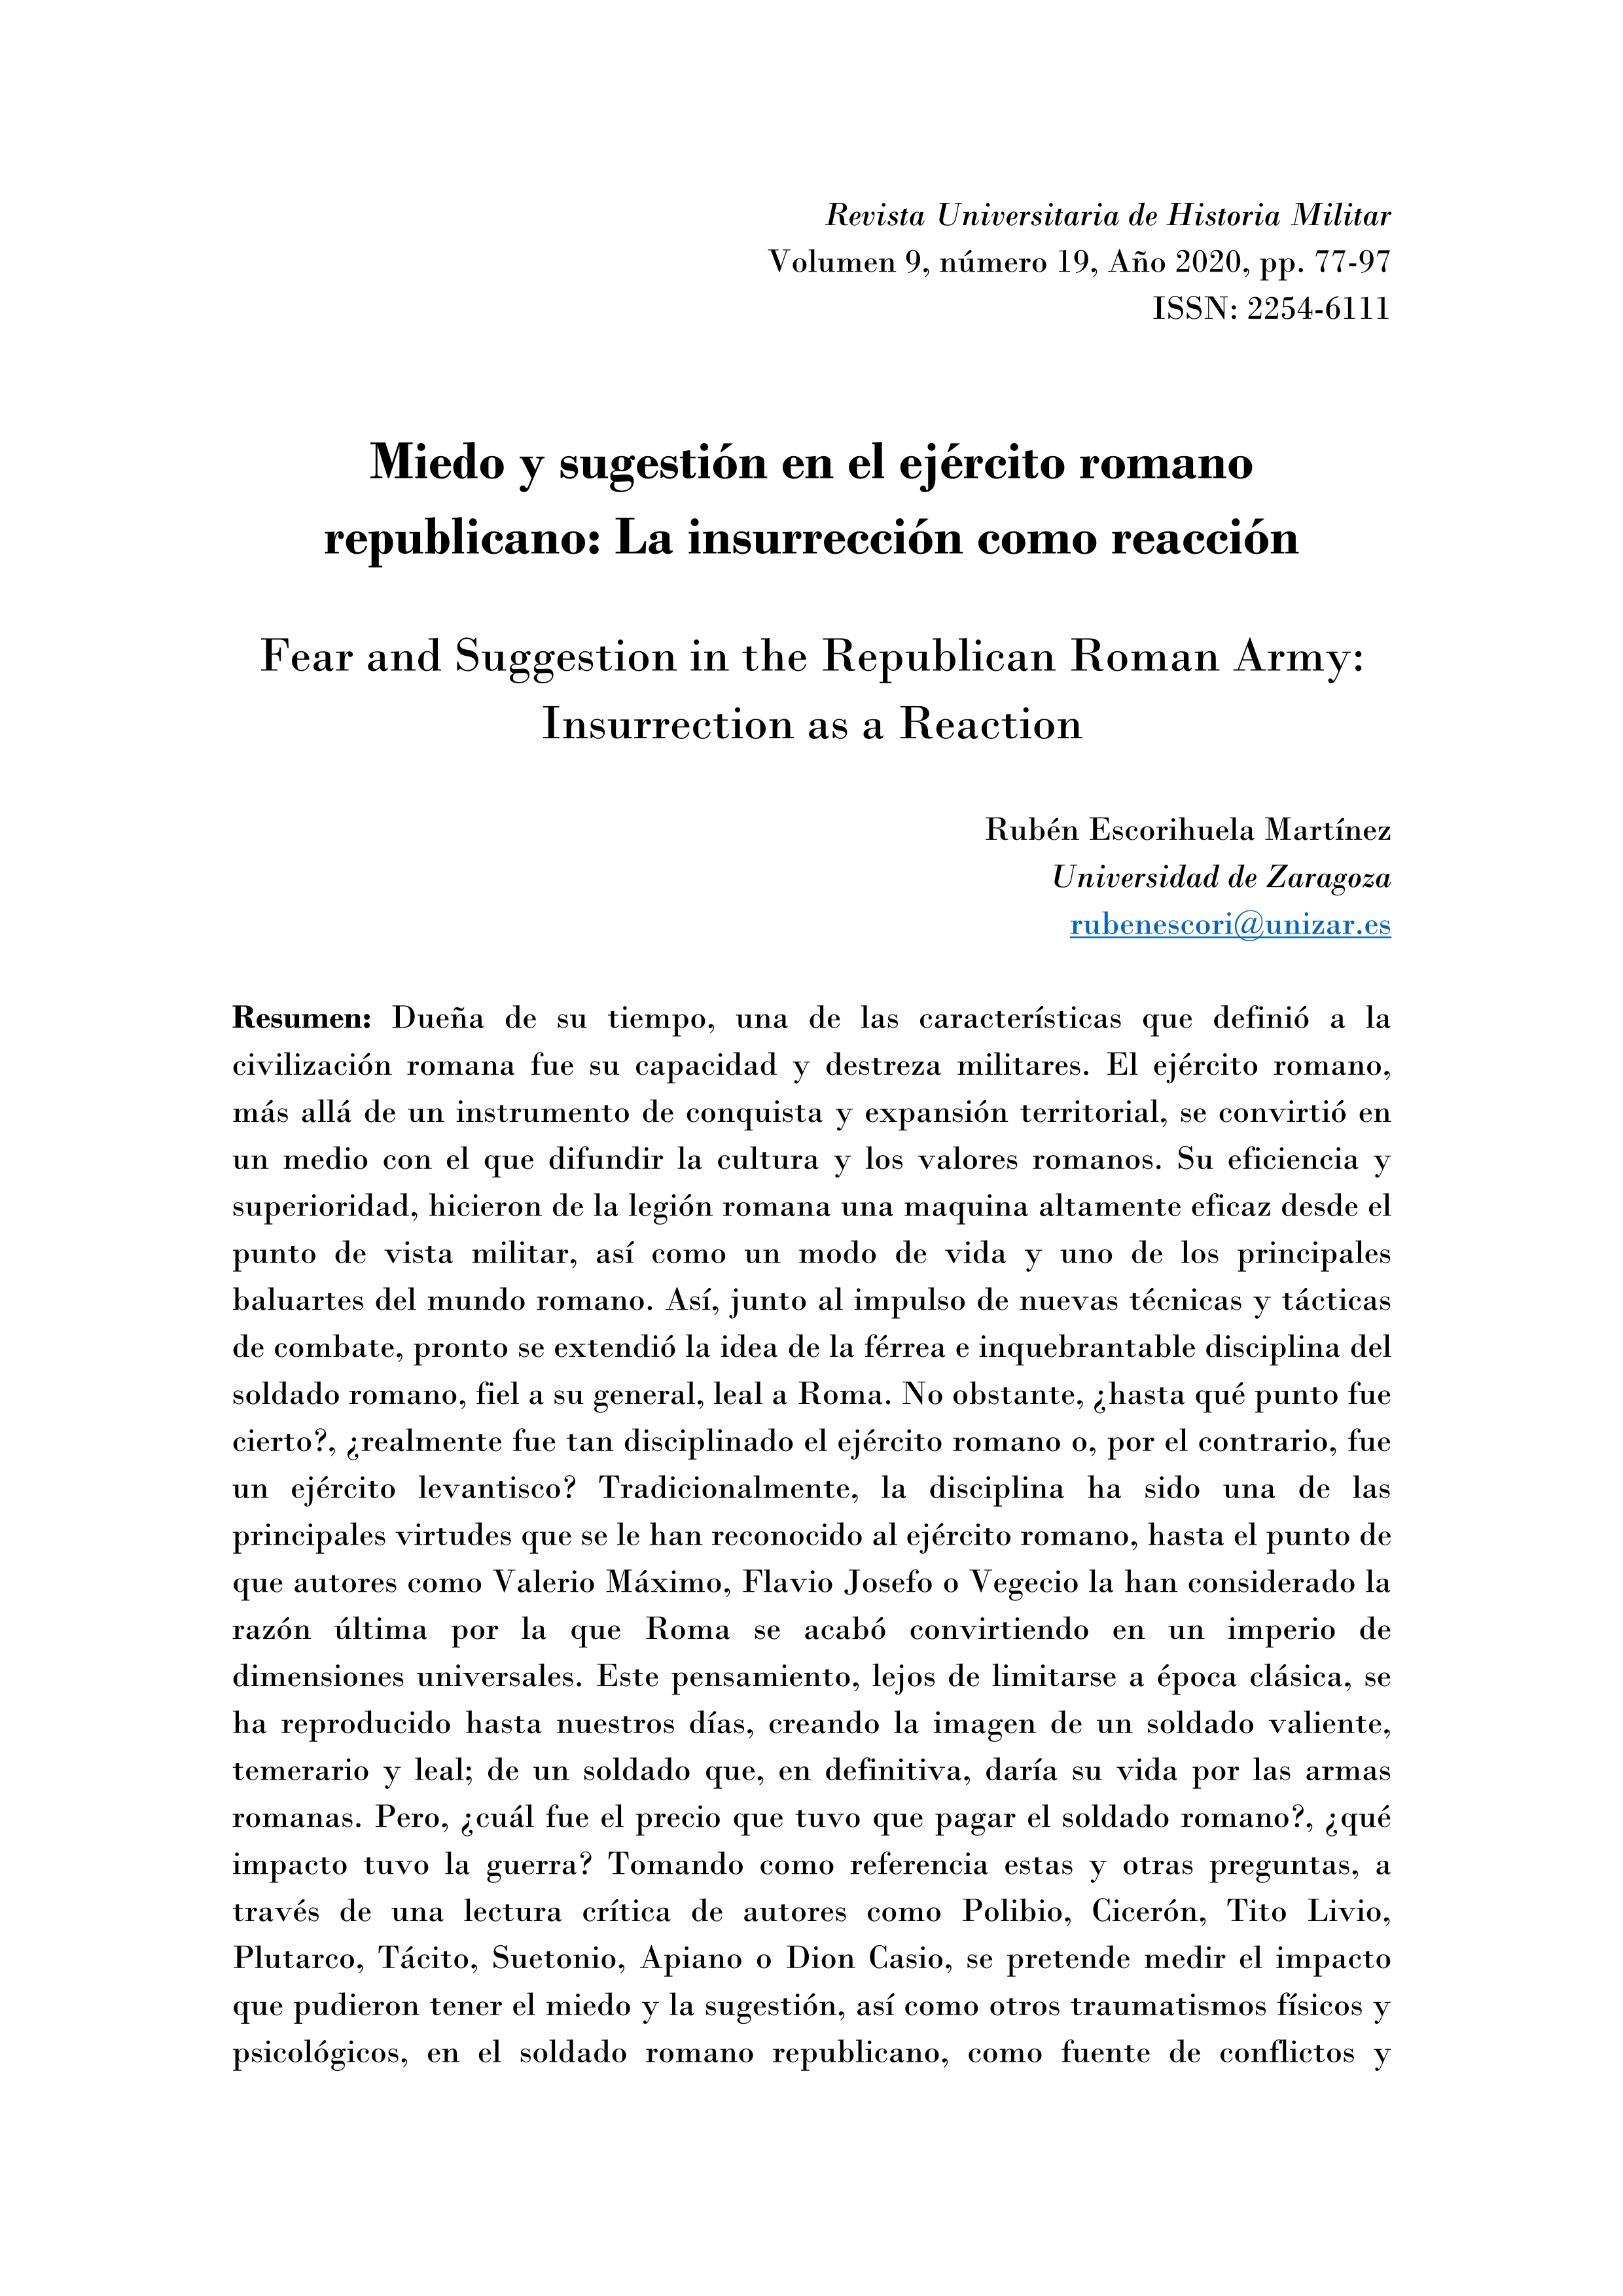 Miedo y sugestión en el ejército romano republicano: la insurrección como reacción